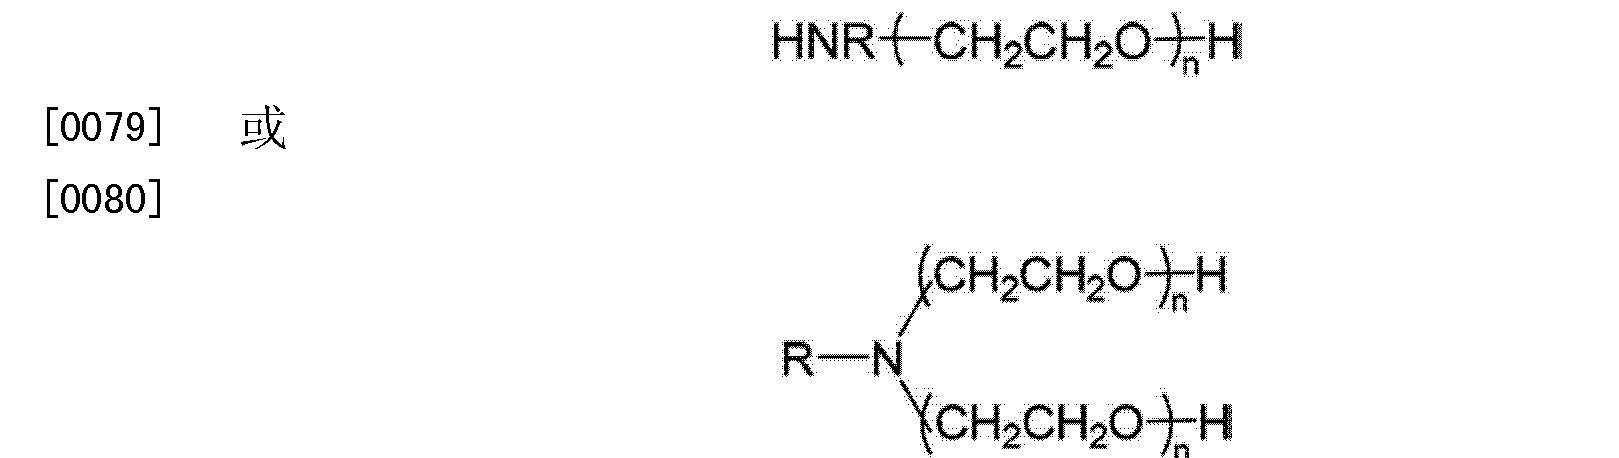 Figure CN103113781BD00084